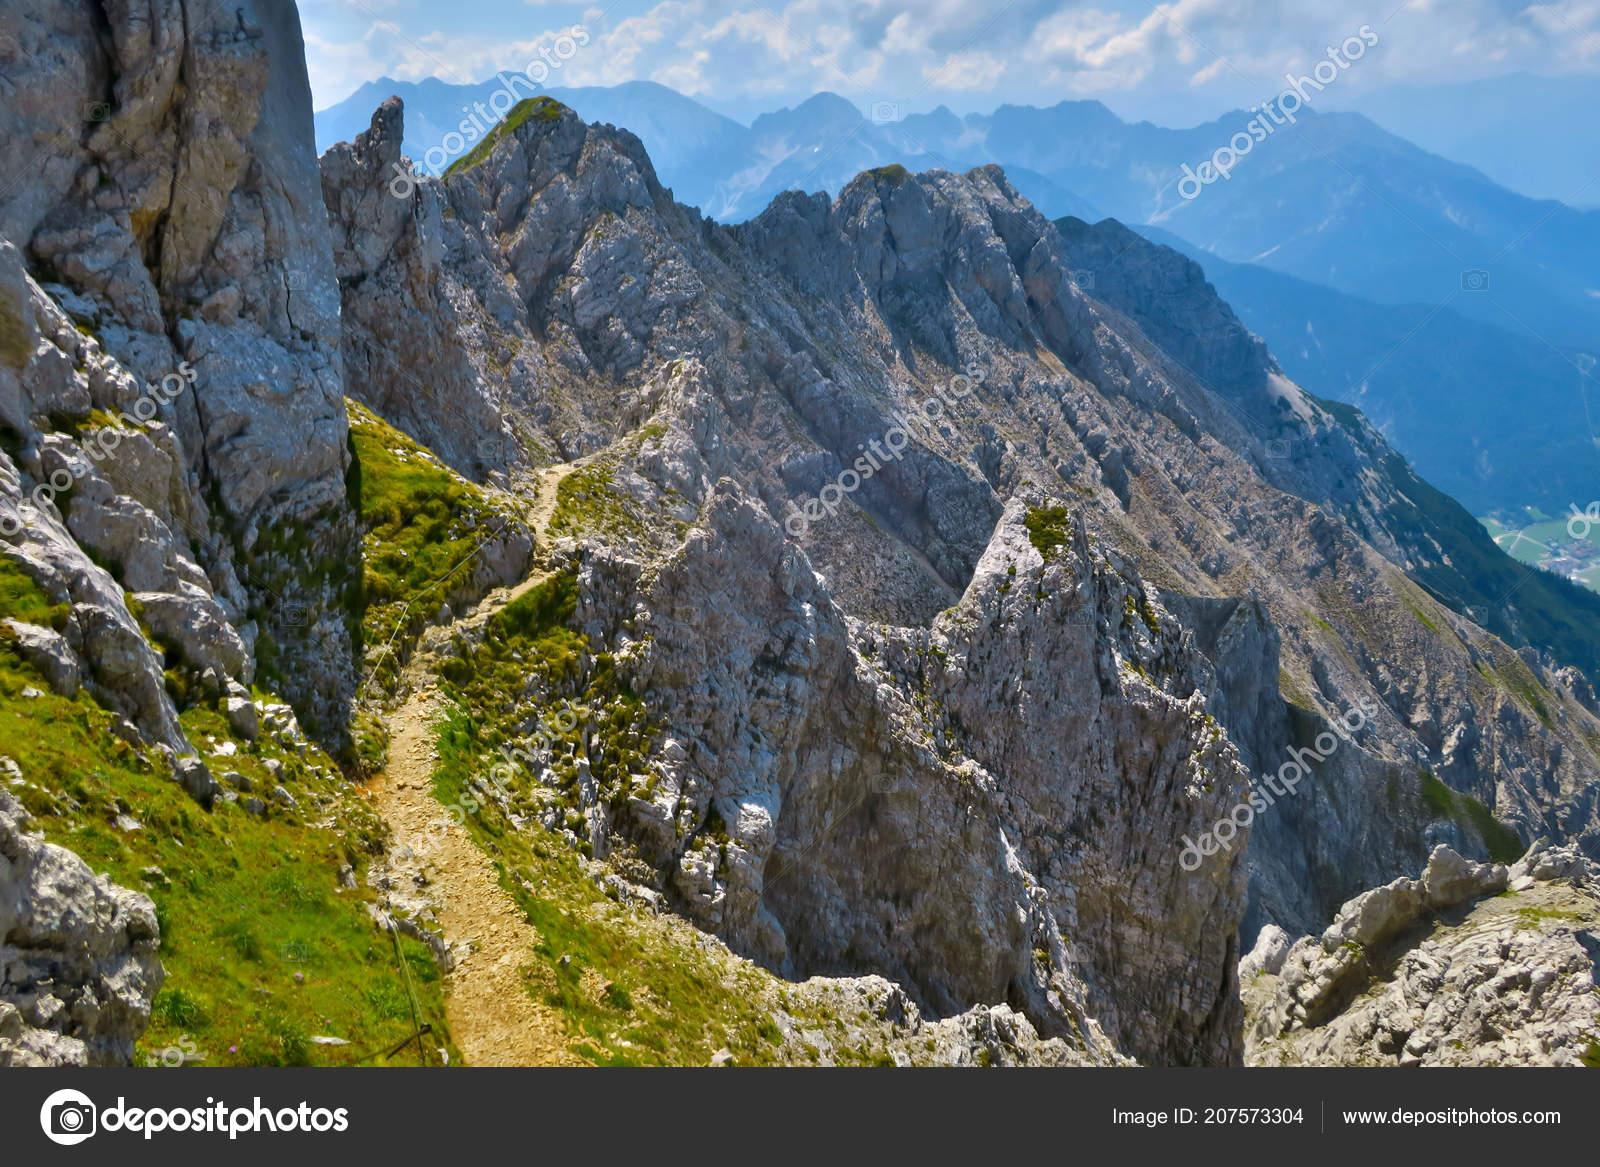 Klettersteig Mittenwald : Trail teil der klettersteig mittenwald u stockfoto bernjuer